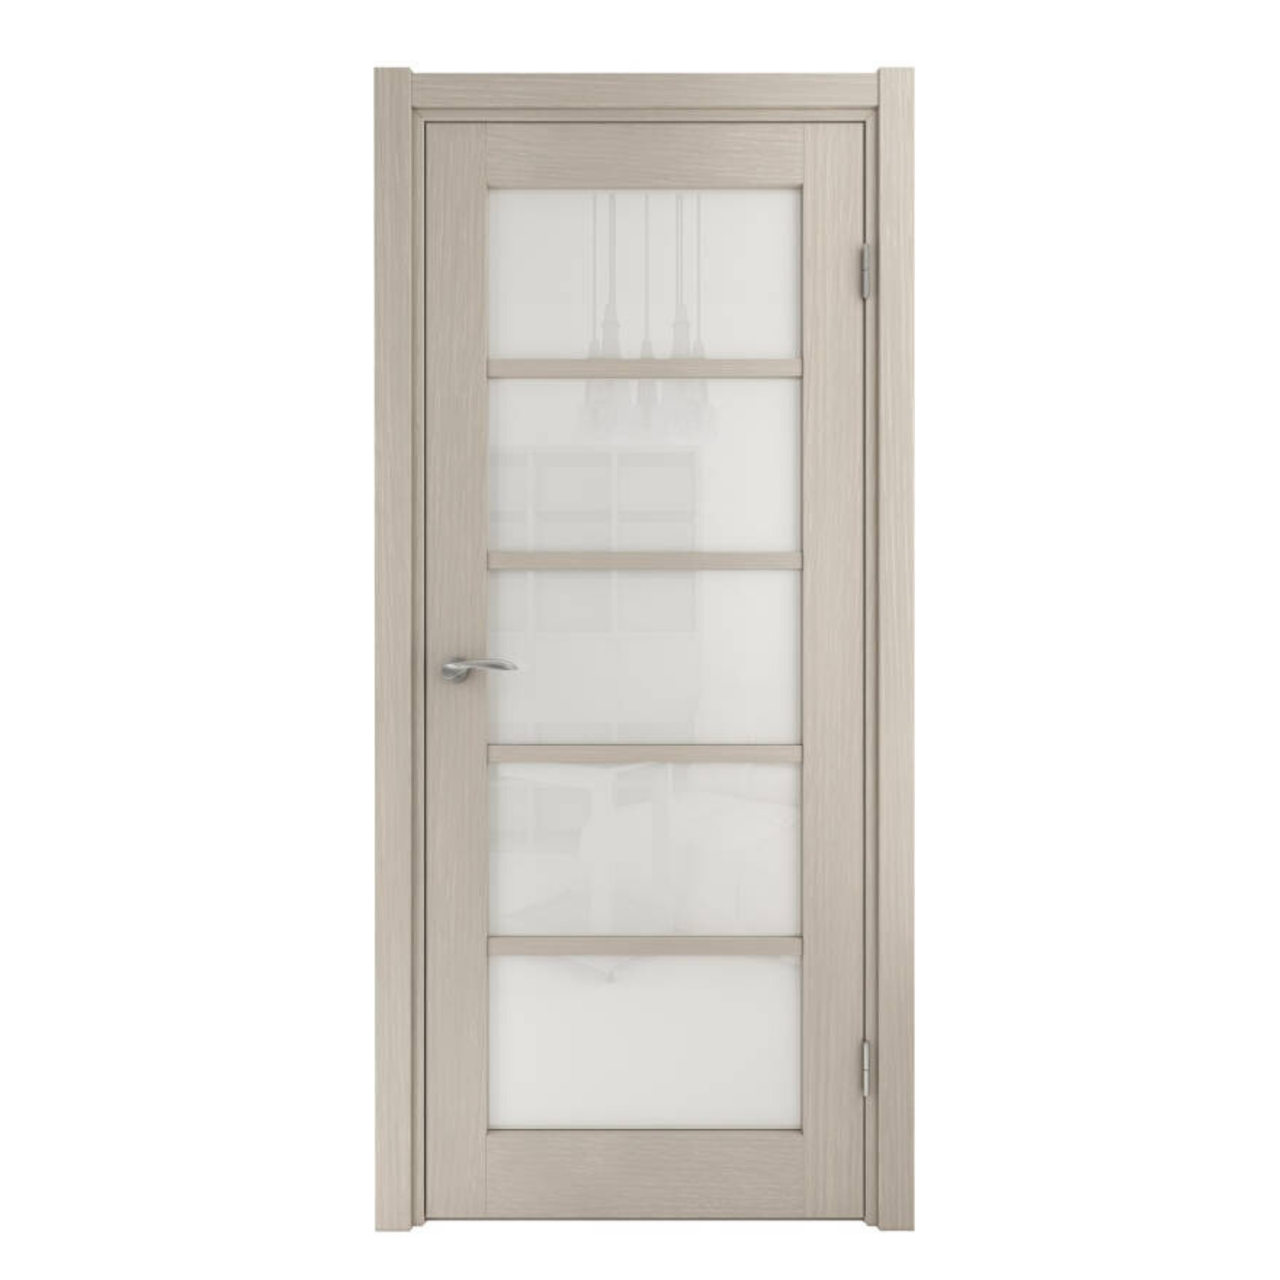 Межкомнатная дверь шпон натуральный PRIMA бежевая  фабрики Grand Wood